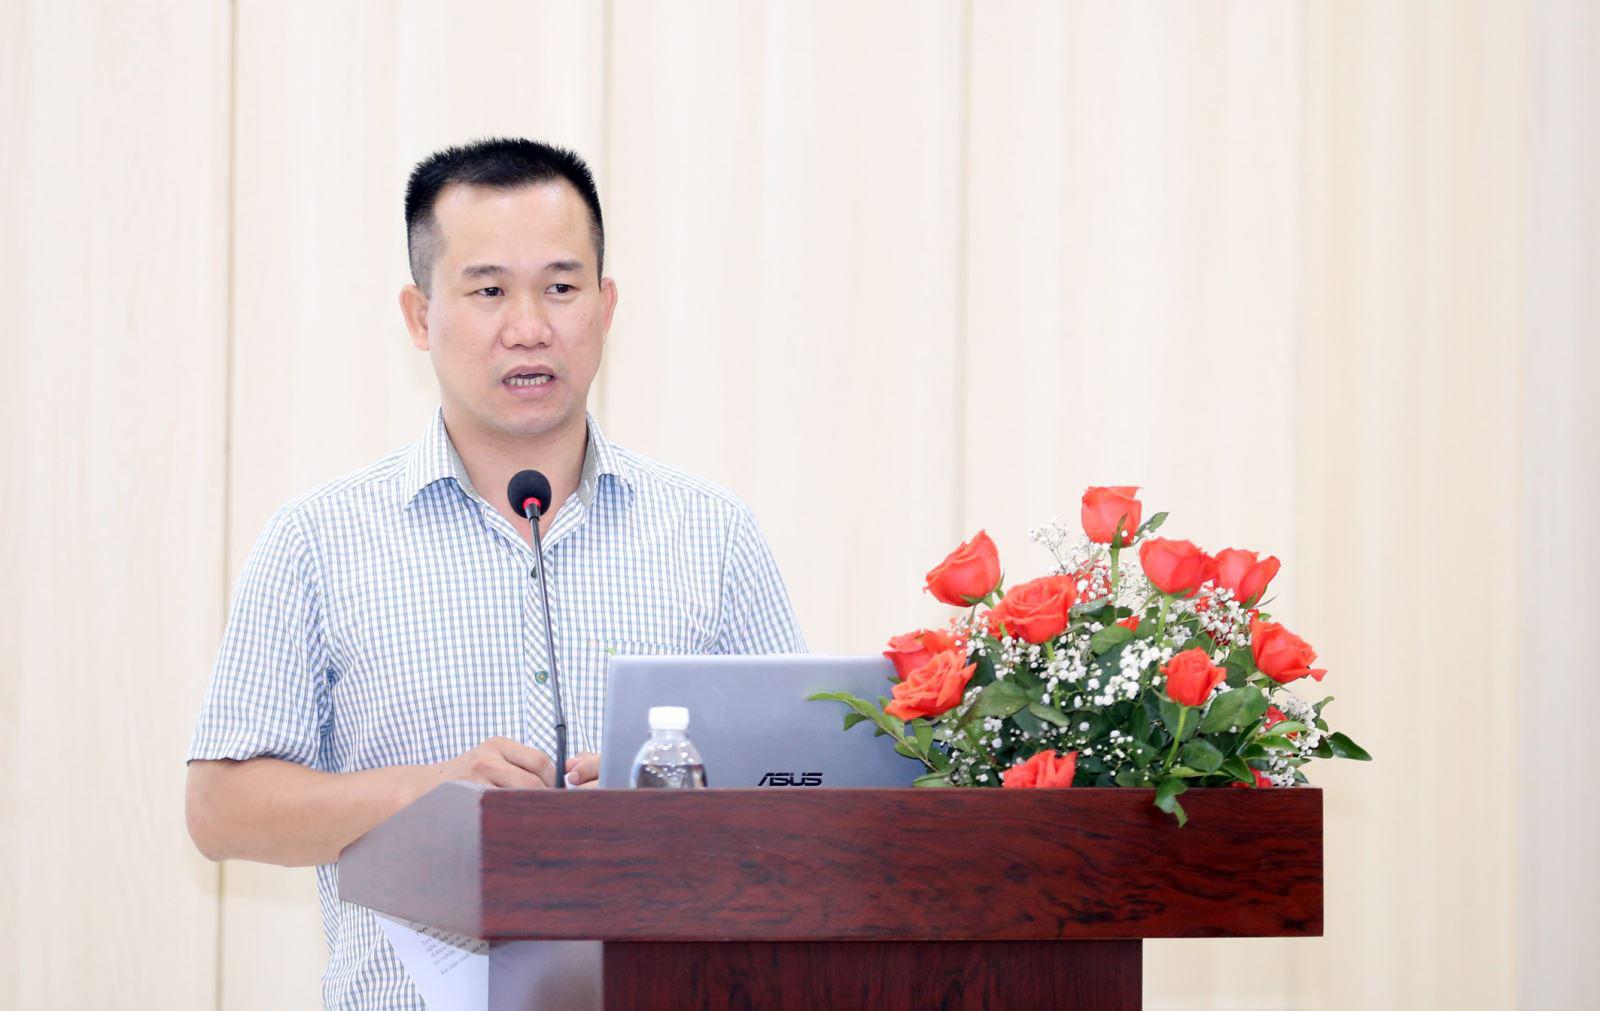 """""""Vua vịt trời"""" Nguyễn Đăng Cường: Con vịt quê giá 150.000 đồng, áp dụng công nghệ giá lên tới 40 USD - Ảnh 2."""